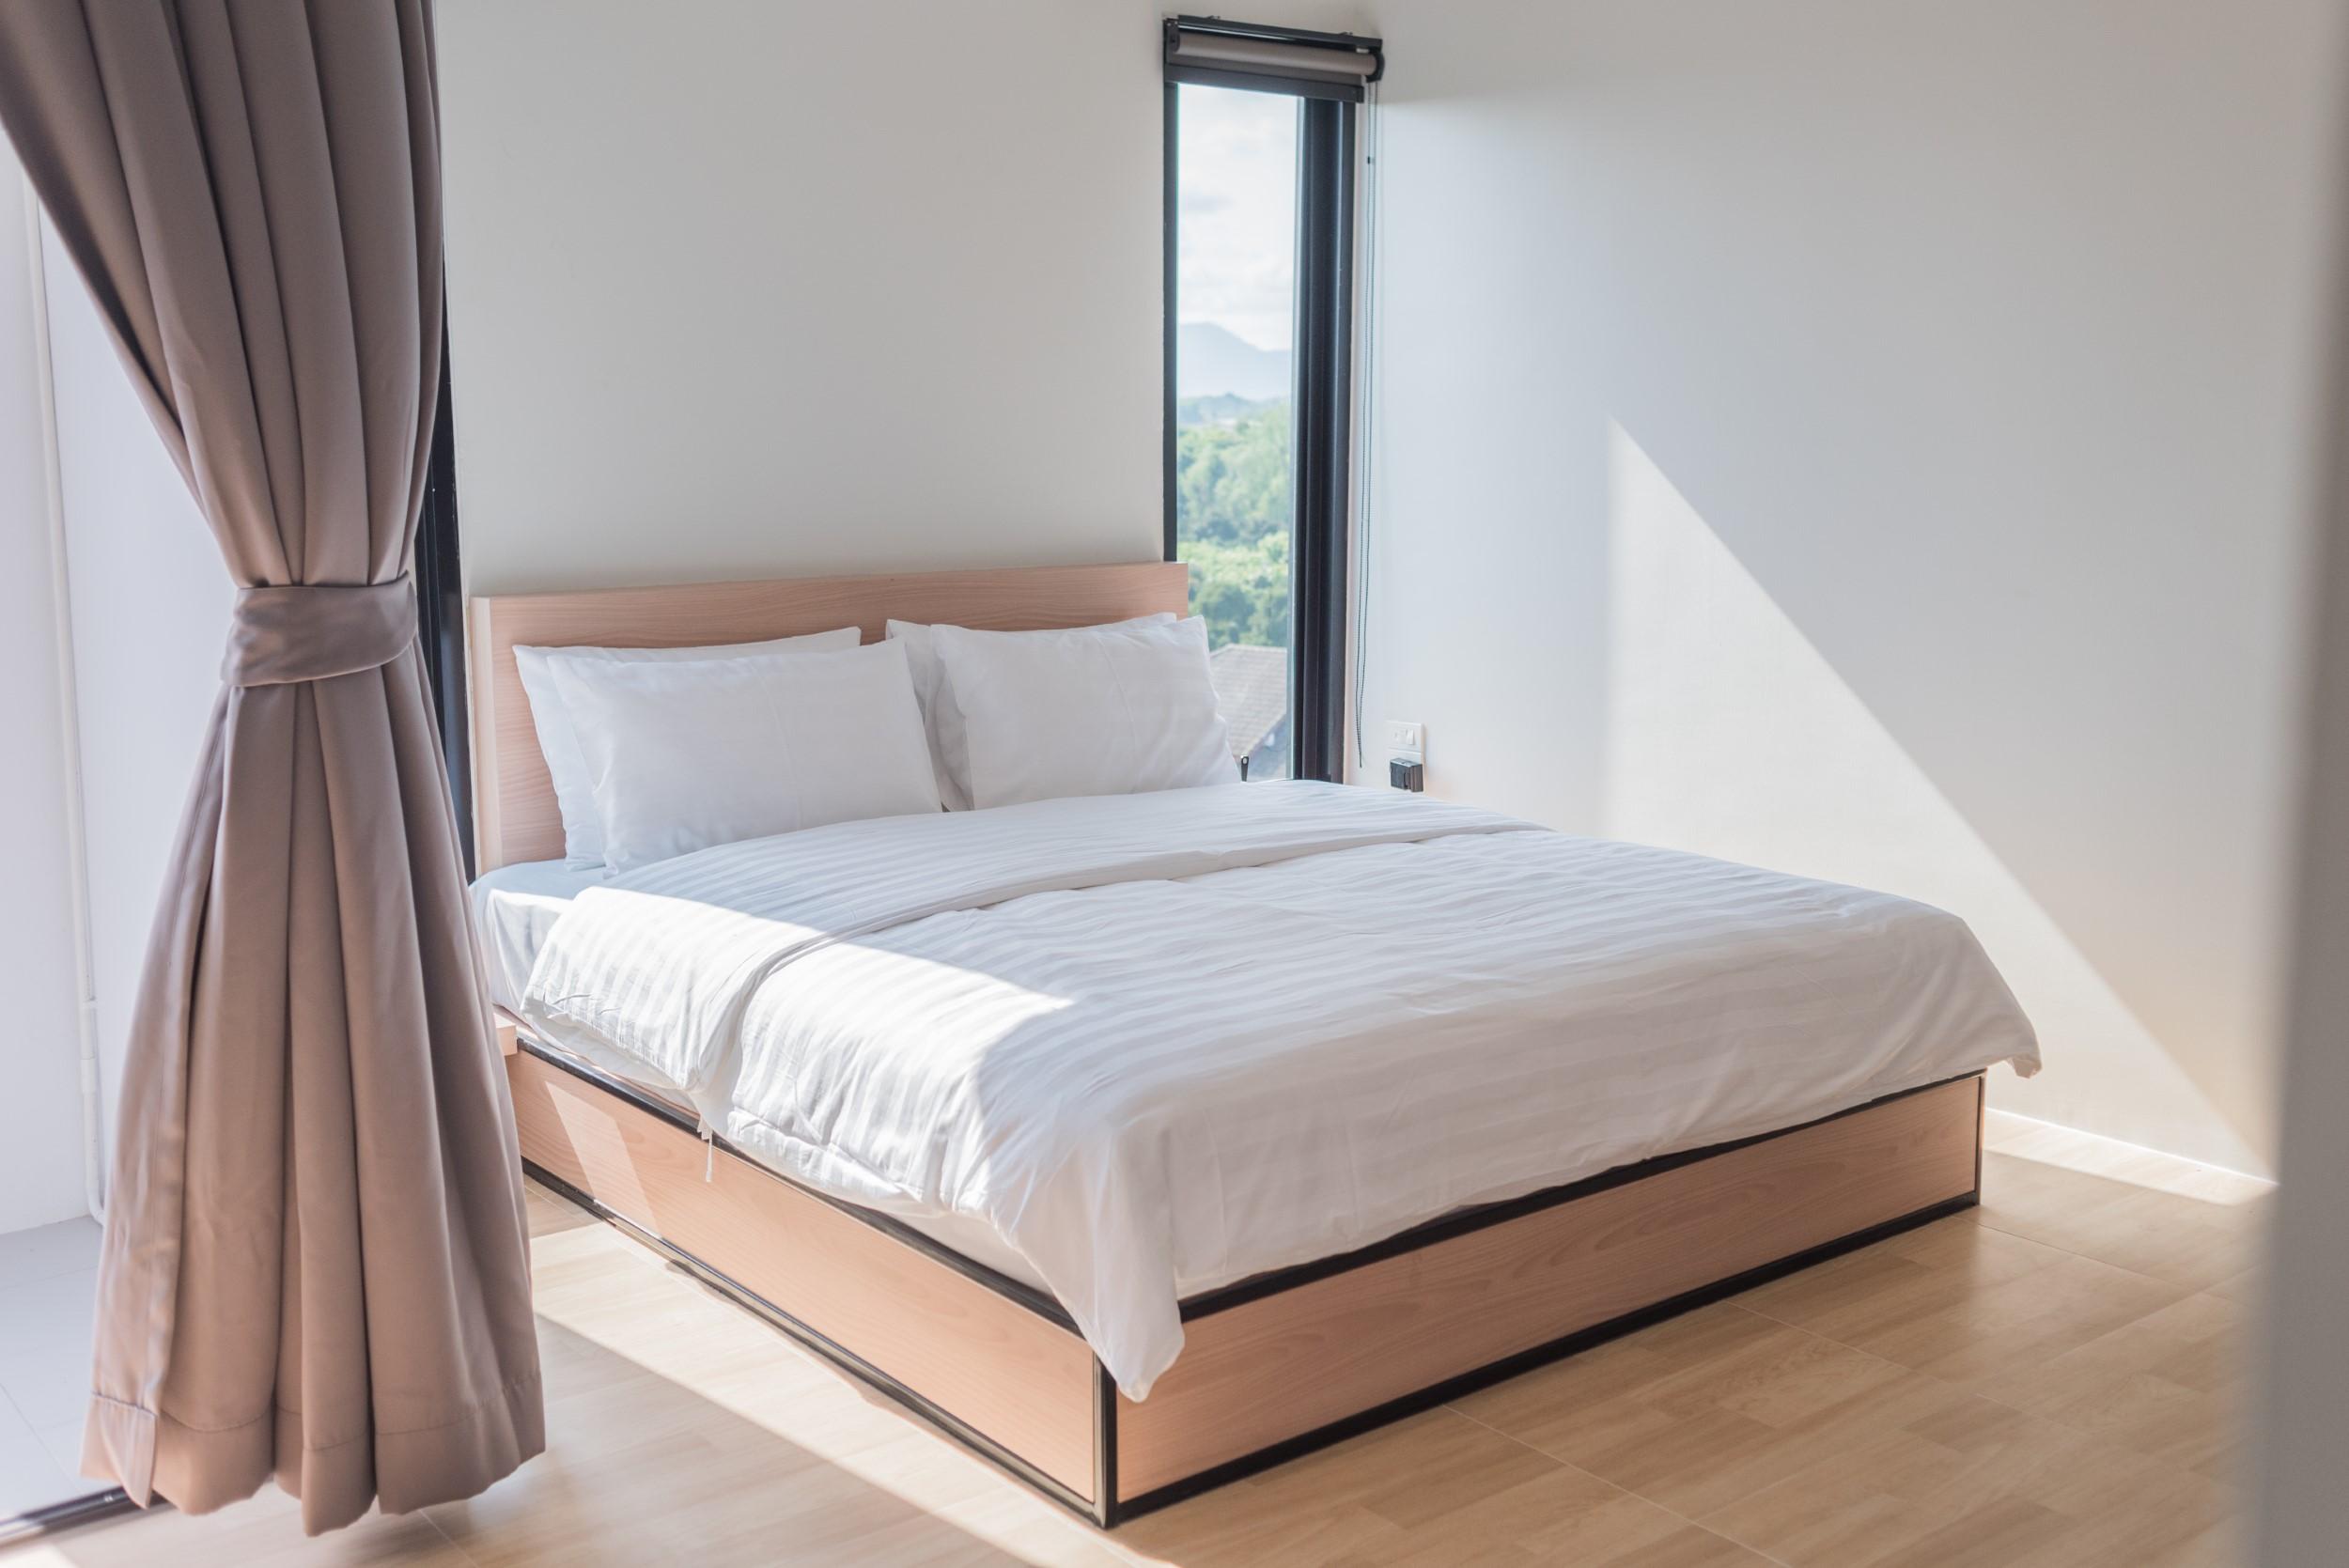 เตียงเดี่ยวขนาด 5 ฟุต นอน2คนกำลังสบายค่าาา